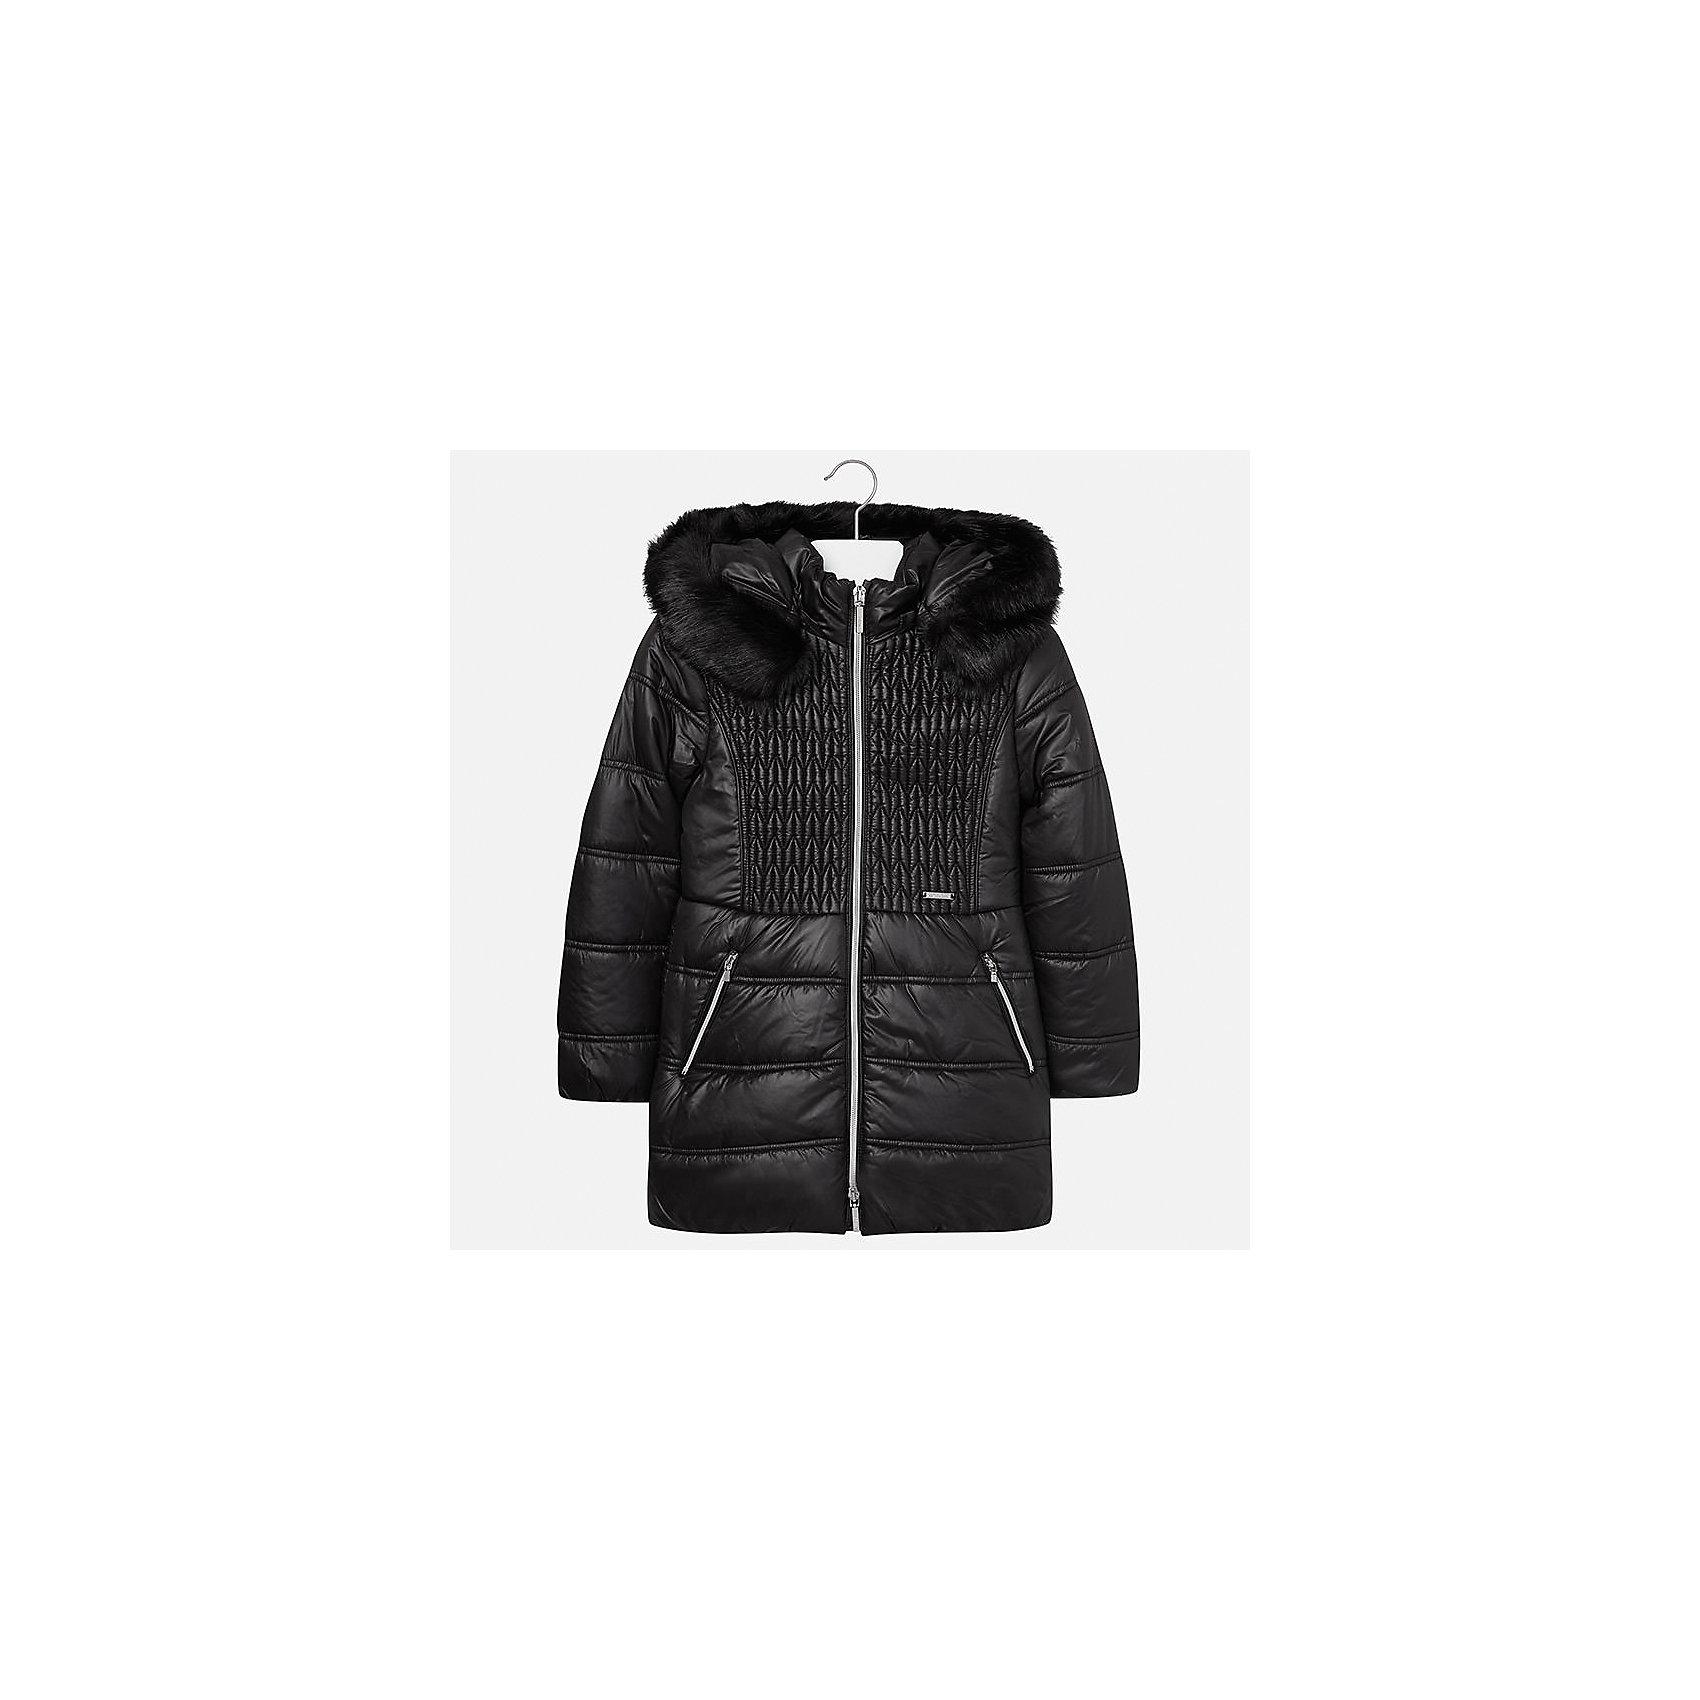 Куртка Mayoral для девочкиДемисезонные куртки<br>Характеристики товара:<br><br>• цвет: черный<br>• состав ткани: 100% полиэстер, подклад - 100% полиэстер, утеплитель - 100% полиэстер<br>• застежка: молния<br>• капюшон с опушкой<br>• сезон: зима<br>• температурный режим: от 0 до -10<br>• страна бренда: Испания<br>• страна изготовитель: Индия<br><br>Черная стильная куртка с опушкой для девочки от Майорал поможет обеспечить тепло и комфорт. Эффектная детская куртка отличается удлиненным силуэтом и наличием капюшона. <br><br>Детская одежда от испанской компании Mayoral отличаются оригинальным и всегда стильным дизайном. Качество продукции неизменно очень высокое.<br><br>Куртку для девочки Mayoral (Майорал) можно купить в нашем интернет-магазине.<br><br>Ширина мм: 356<br>Глубина мм: 10<br>Высота мм: 245<br>Вес г: 519<br>Цвет: черный<br>Возраст от месяцев: 168<br>Возраст до месяцев: 180<br>Пол: Женский<br>Возраст: Детский<br>Размер: 170,128/134,140,152,158,164<br>SKU: 6922122